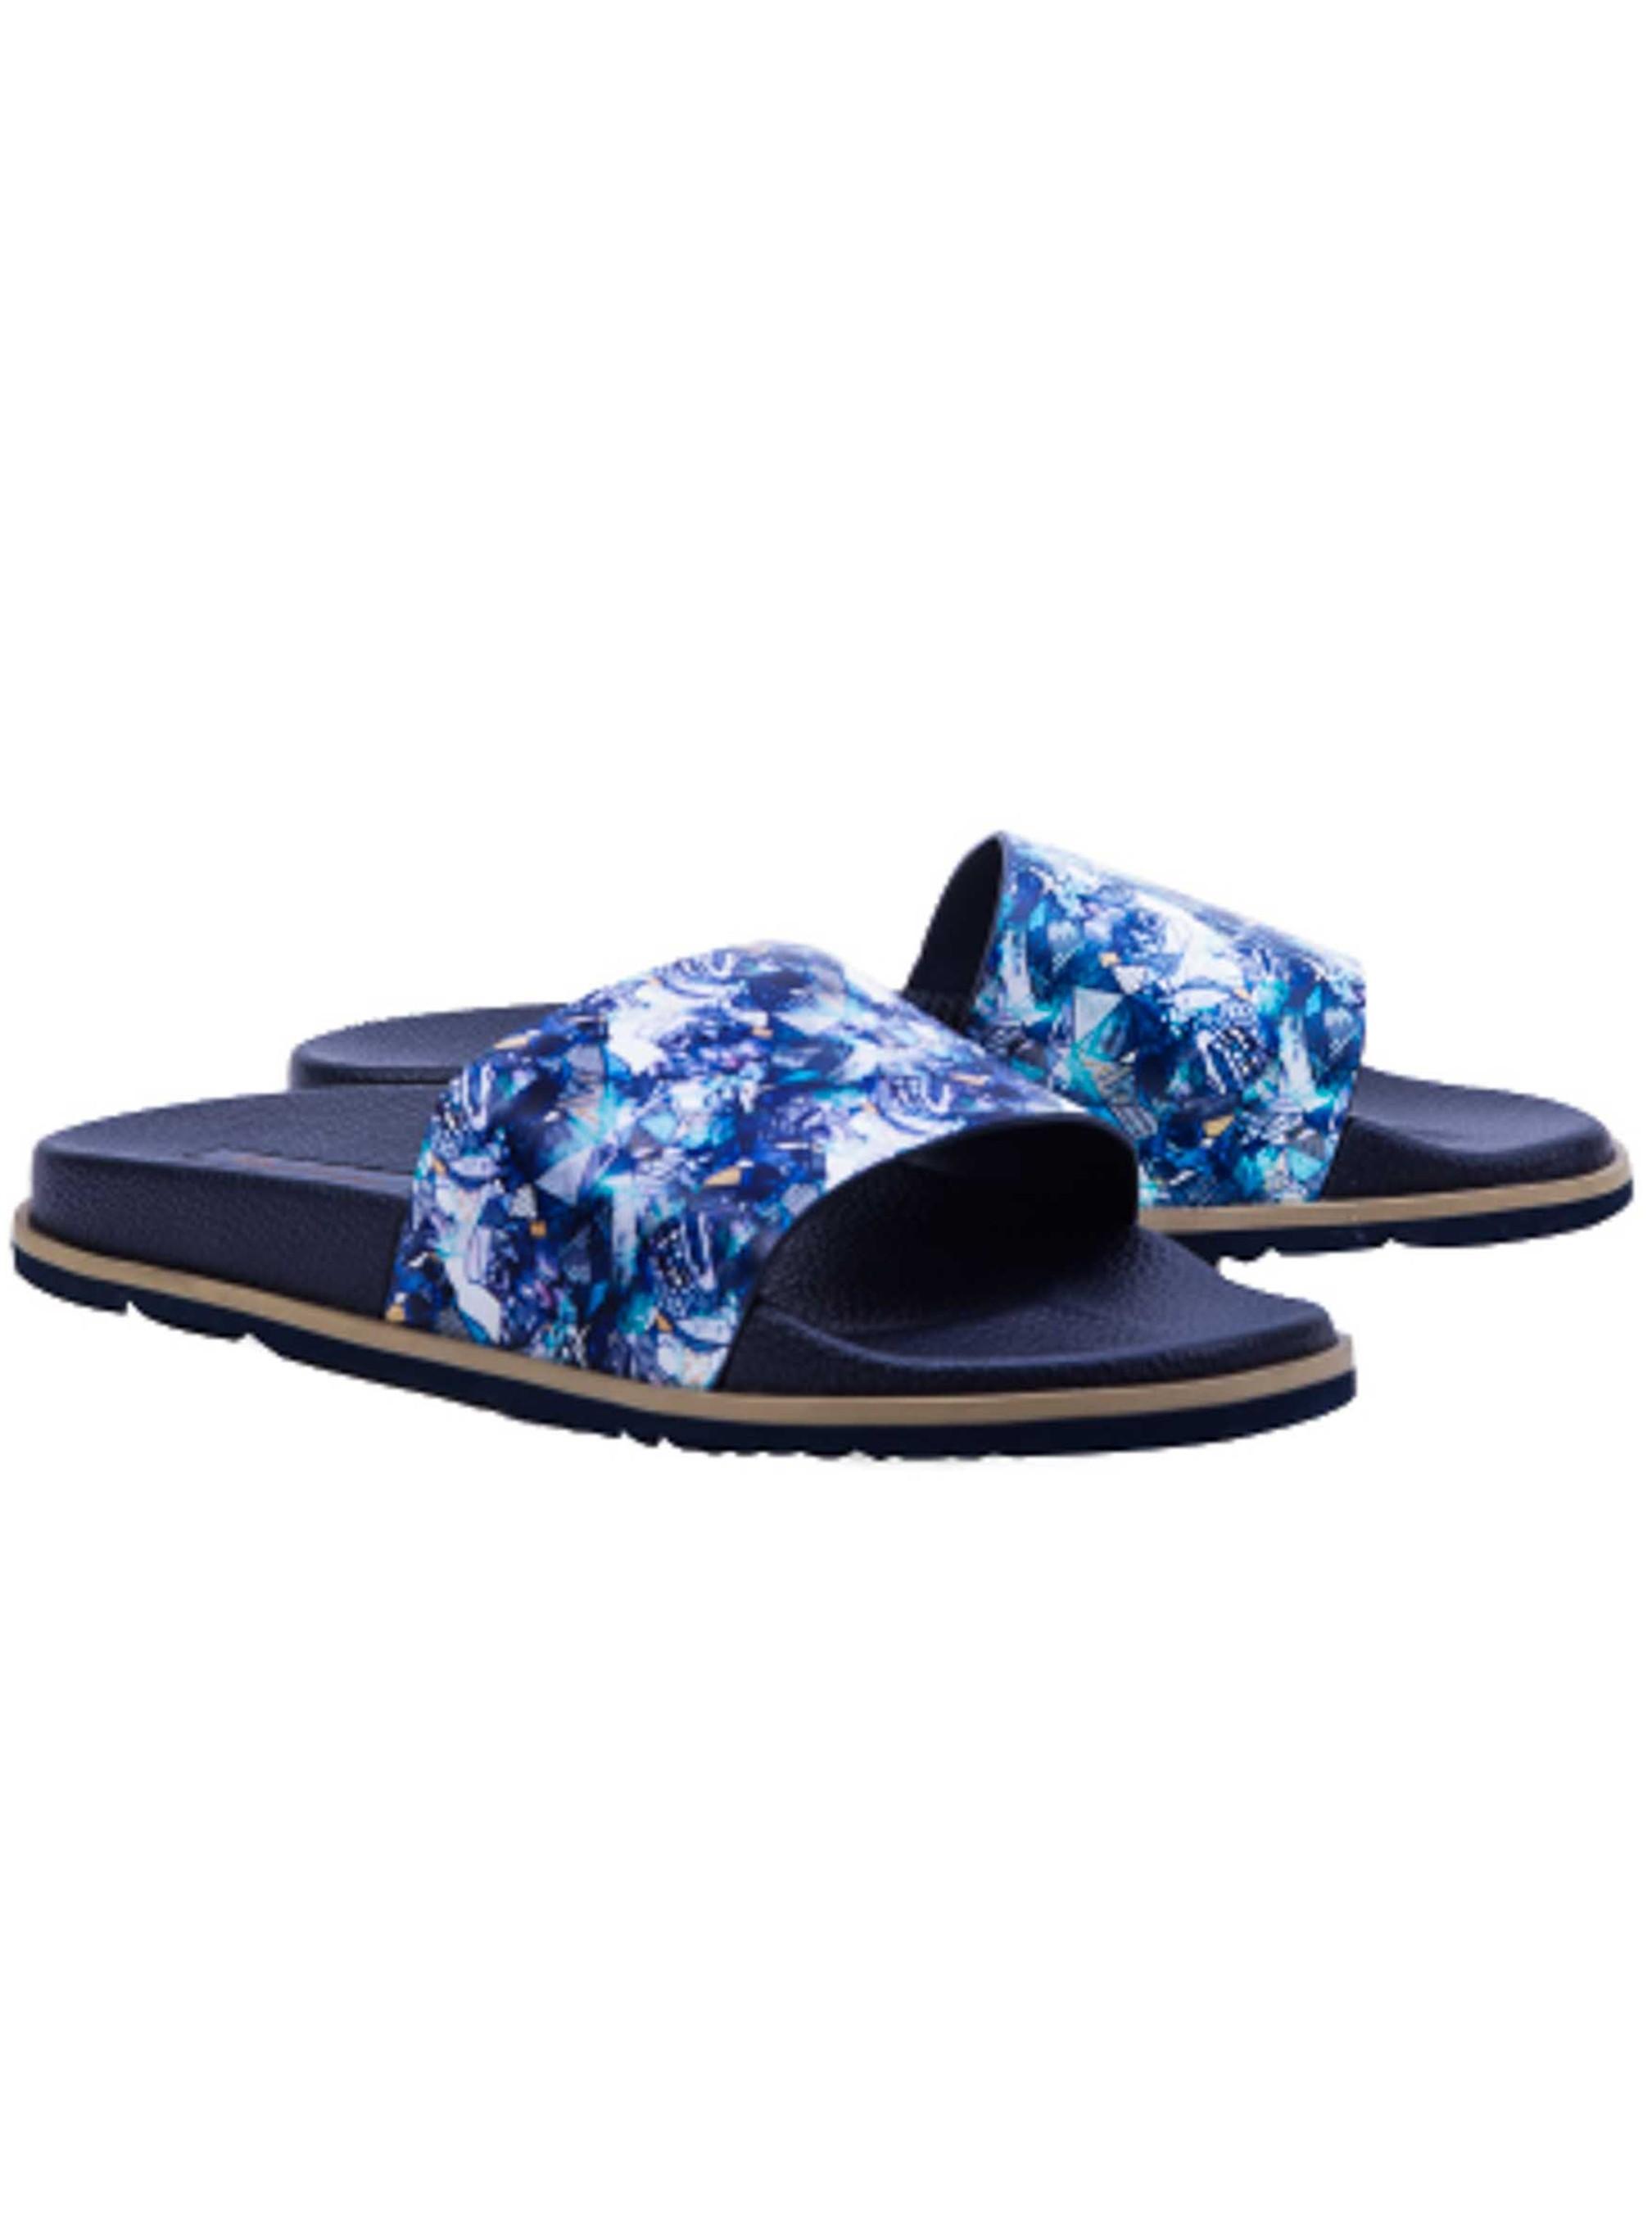 954e3b5daf9f Lyst - Robert Graham Capetown Sandal in Blue for Men